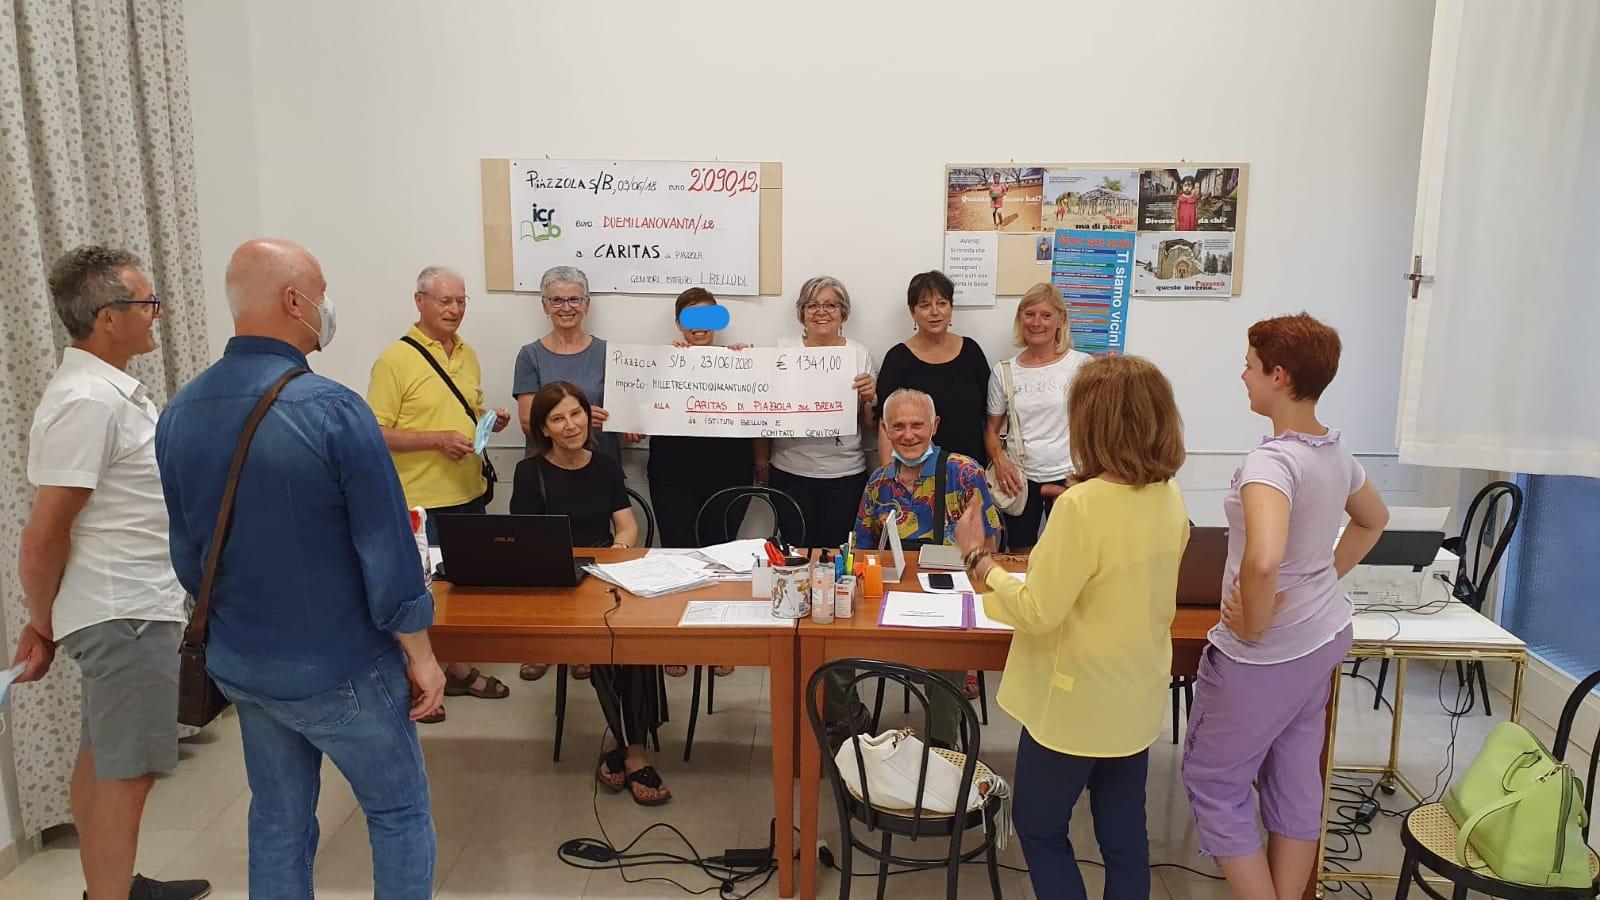 """Genitori dell'IC """"Belludi"""" e """"Giovedì Moto a.s.d"""" a sostegno della Caritas di Piazzola sul Brenta"""